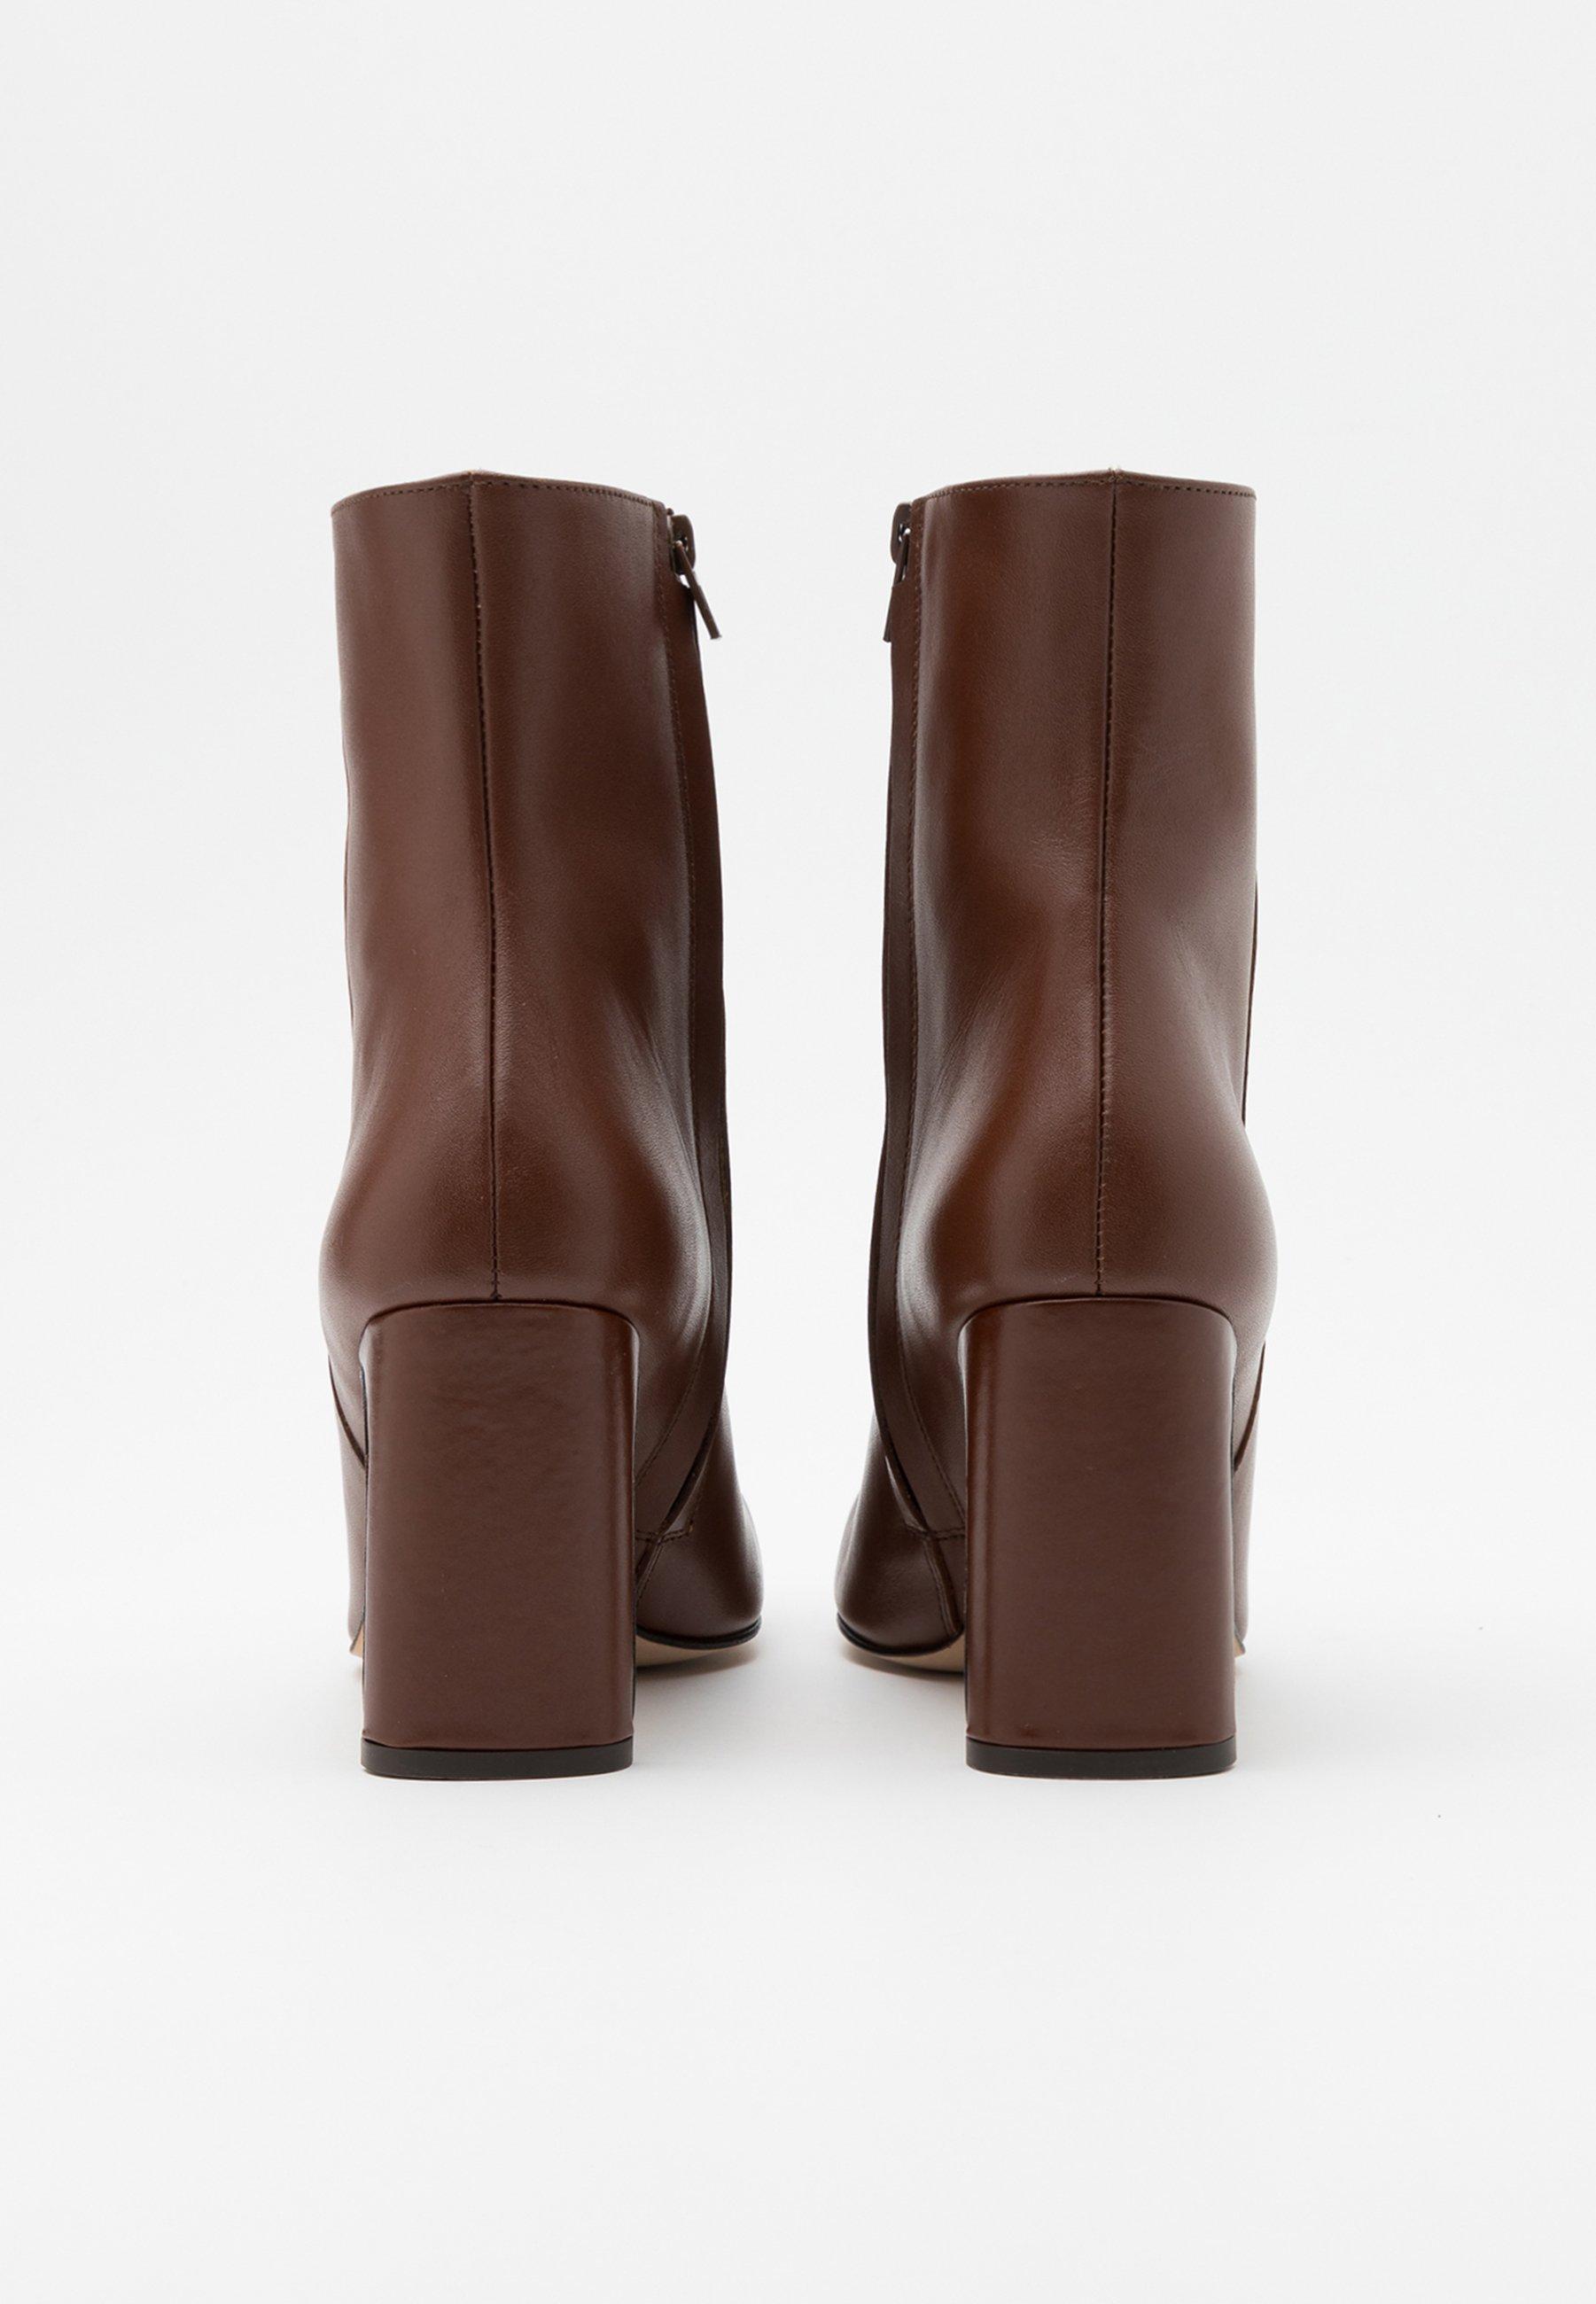 Zign Stiefelette brown